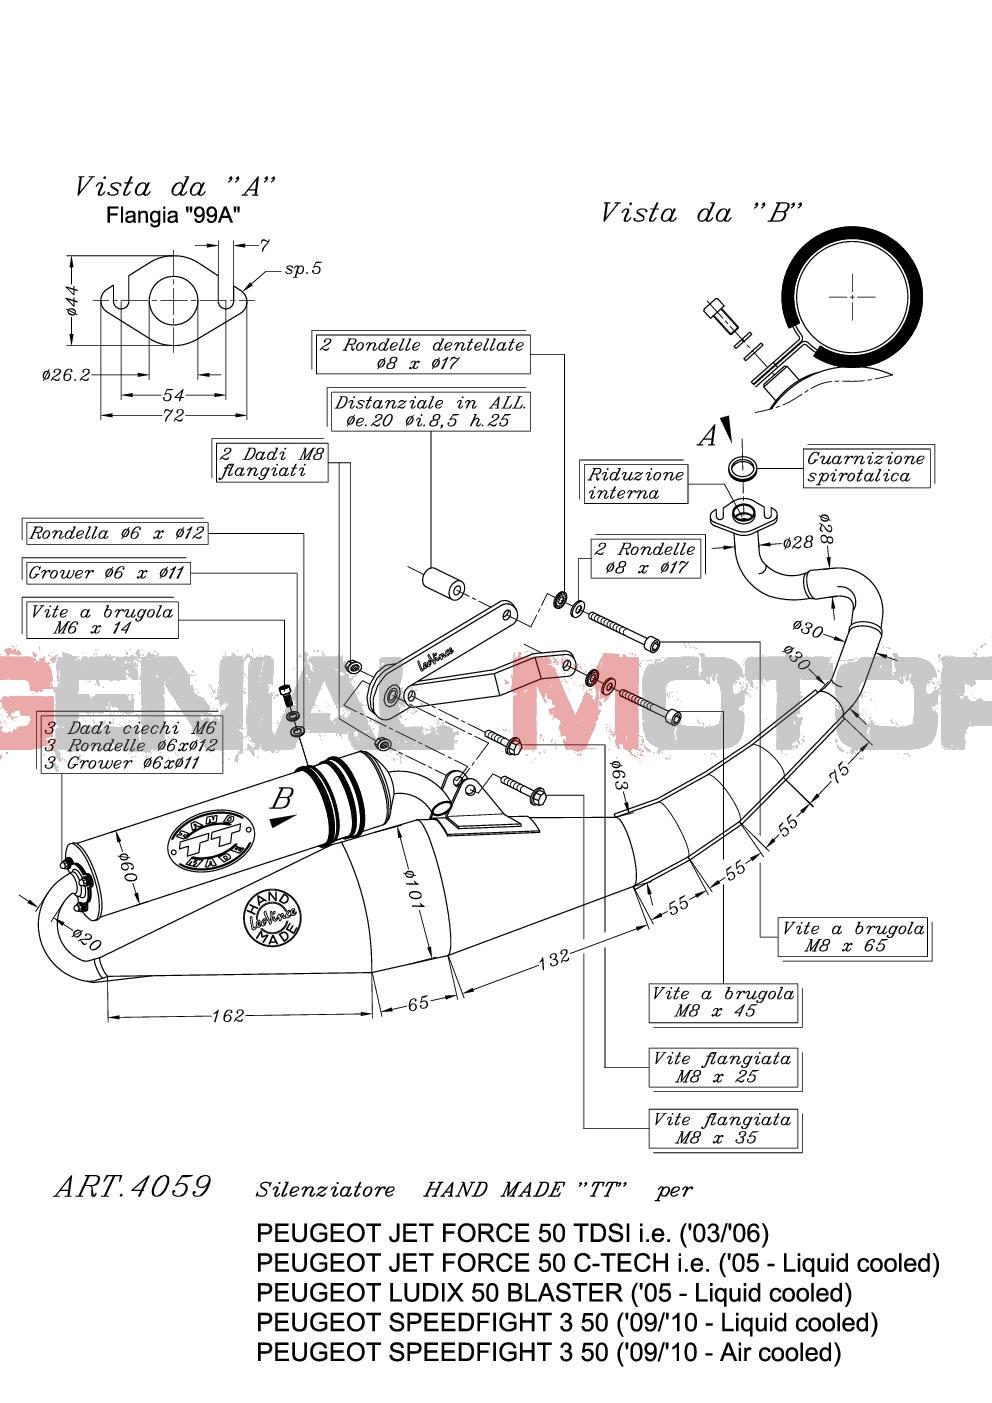 4059 Echappement Complete Leovince HM Tt Alu Peugeot Jet Force C Tech 50 2005 > 2016